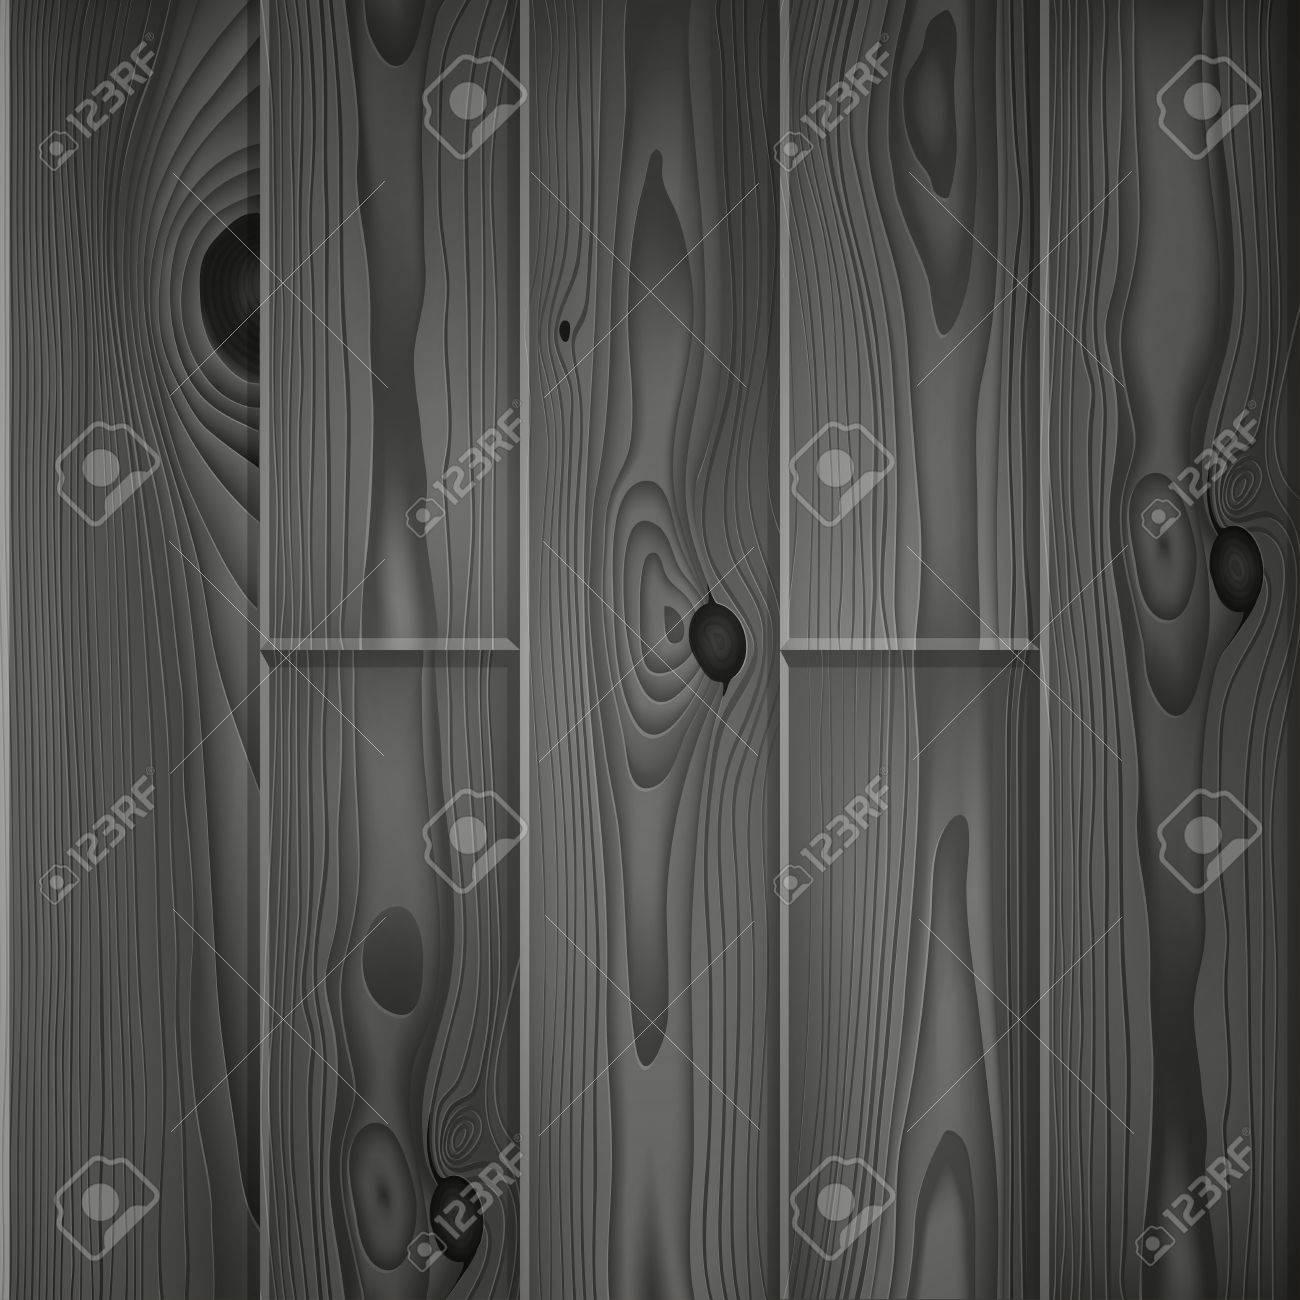 Réaliste Foncé Planches De Bois Gris Texture Vintage Parquet En